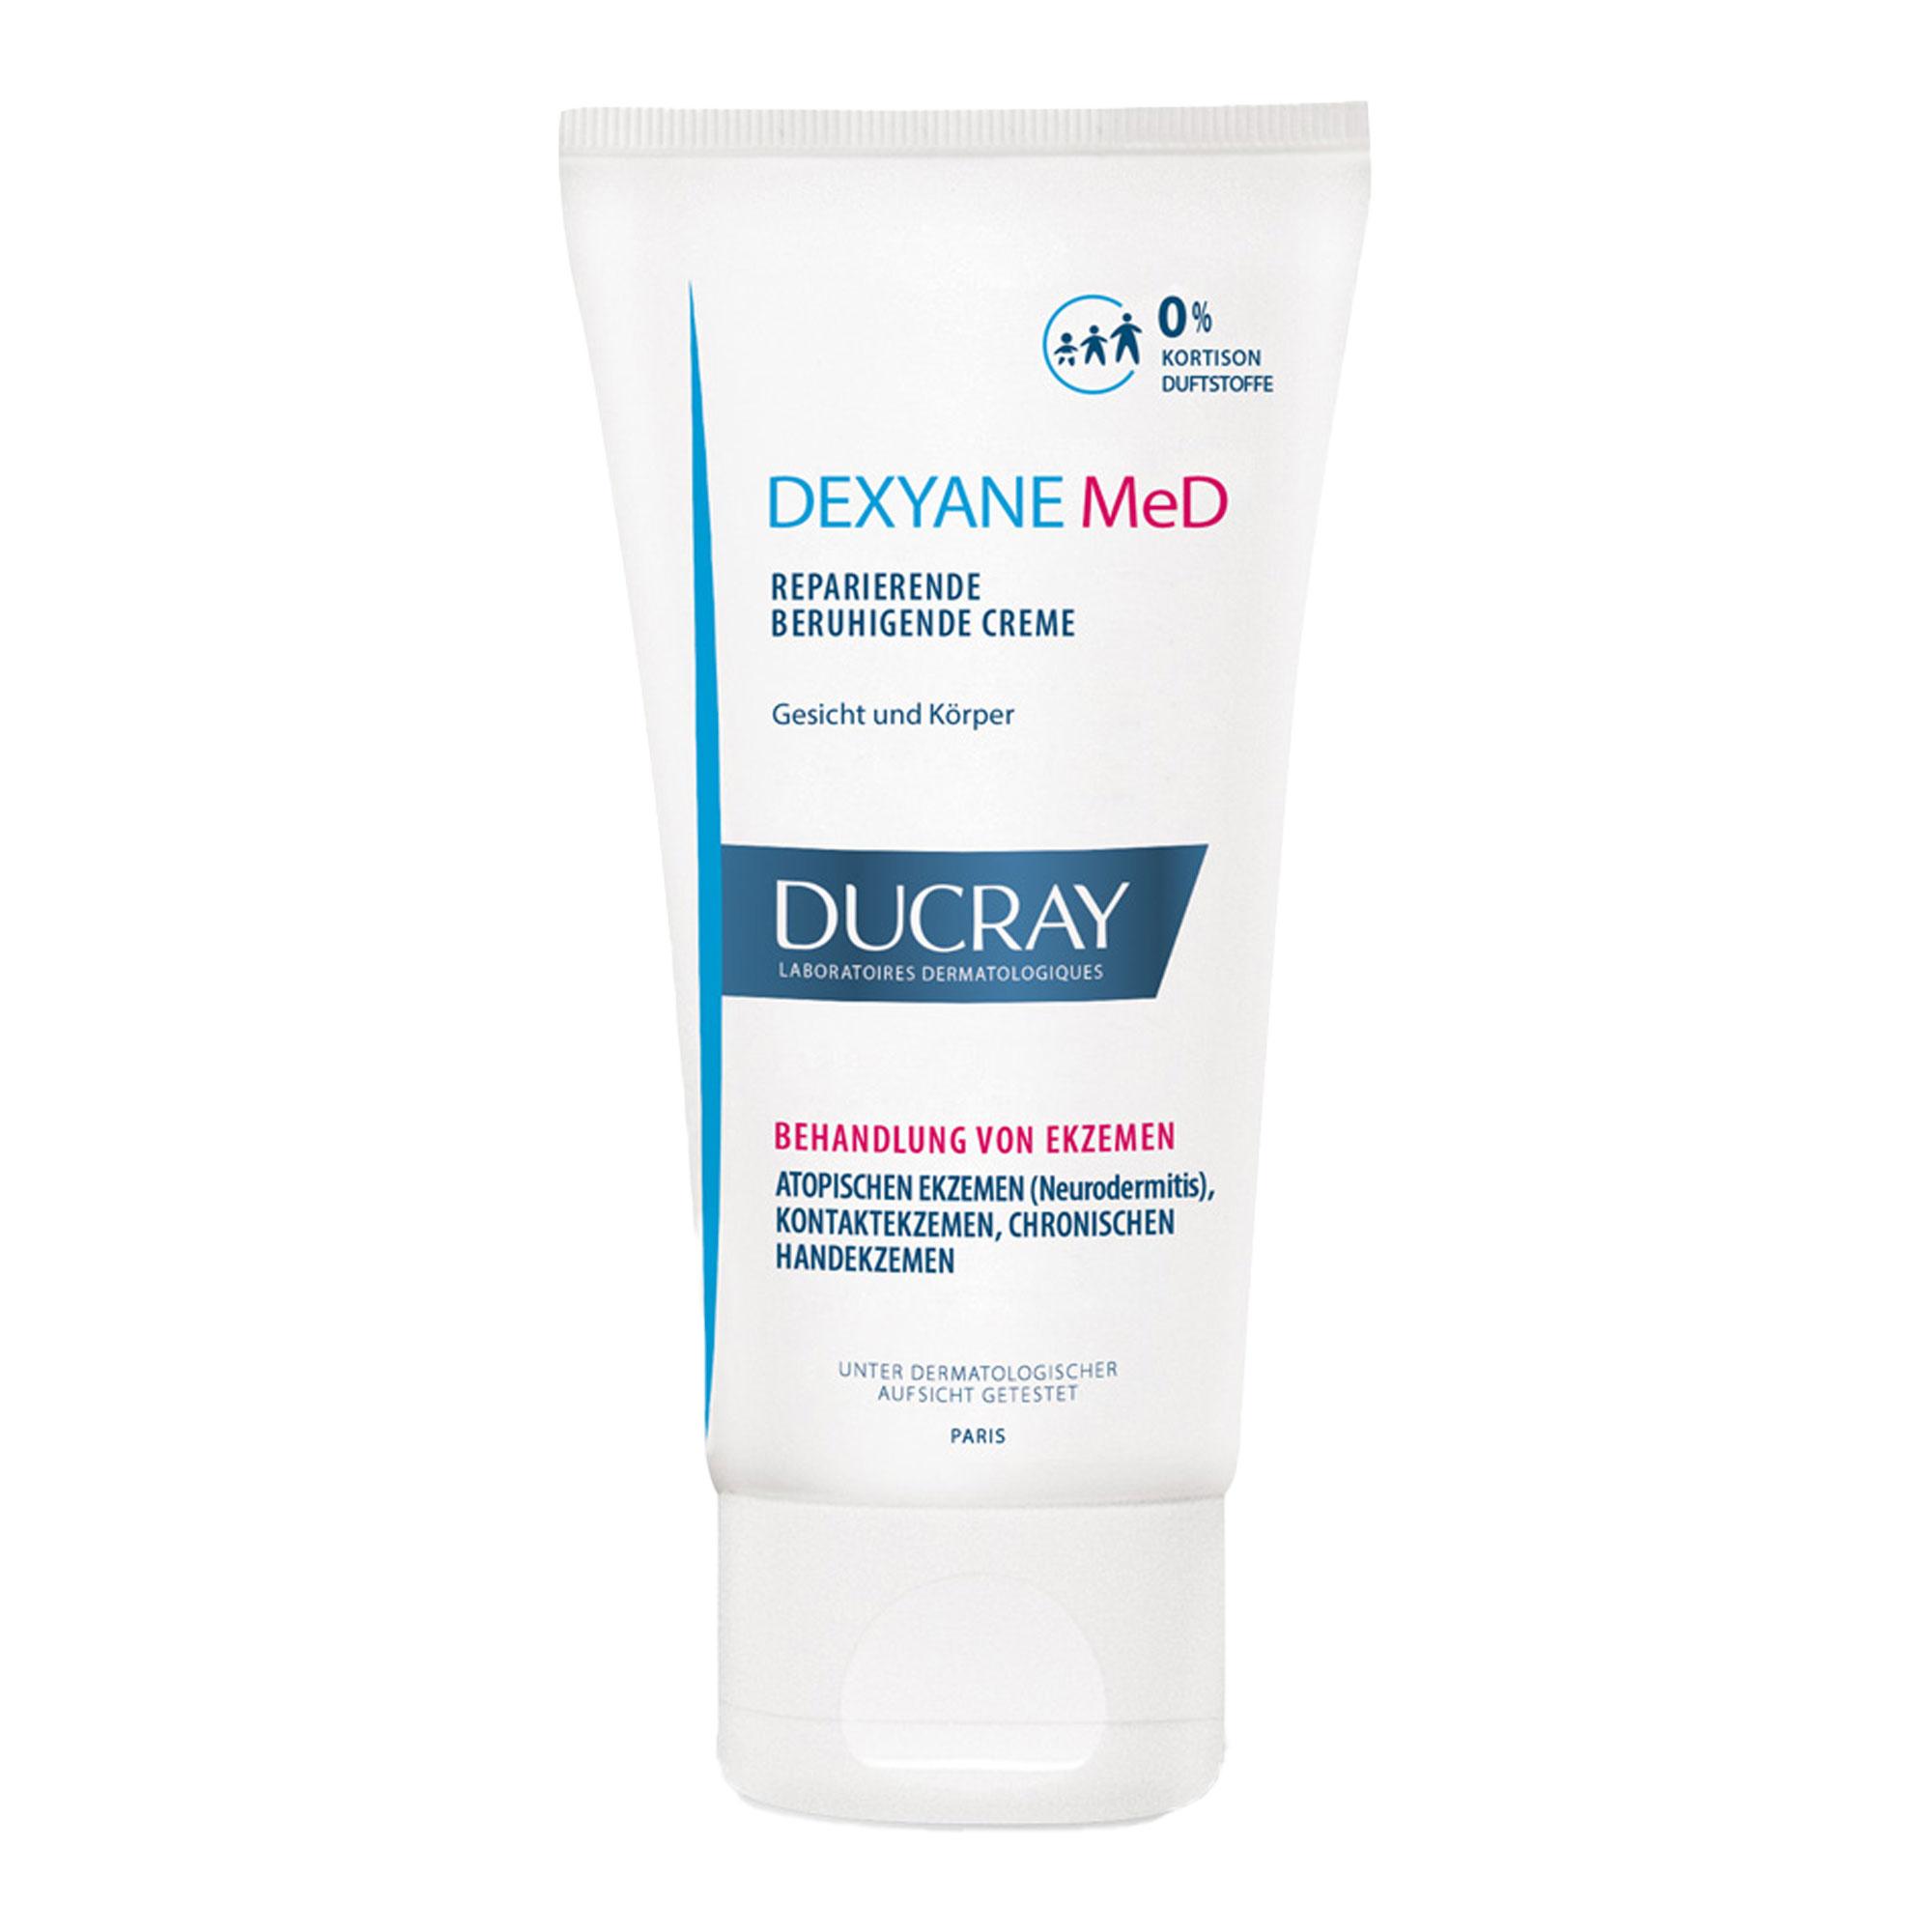 Ducray Dexyane MeD Creme bei Ekzemen